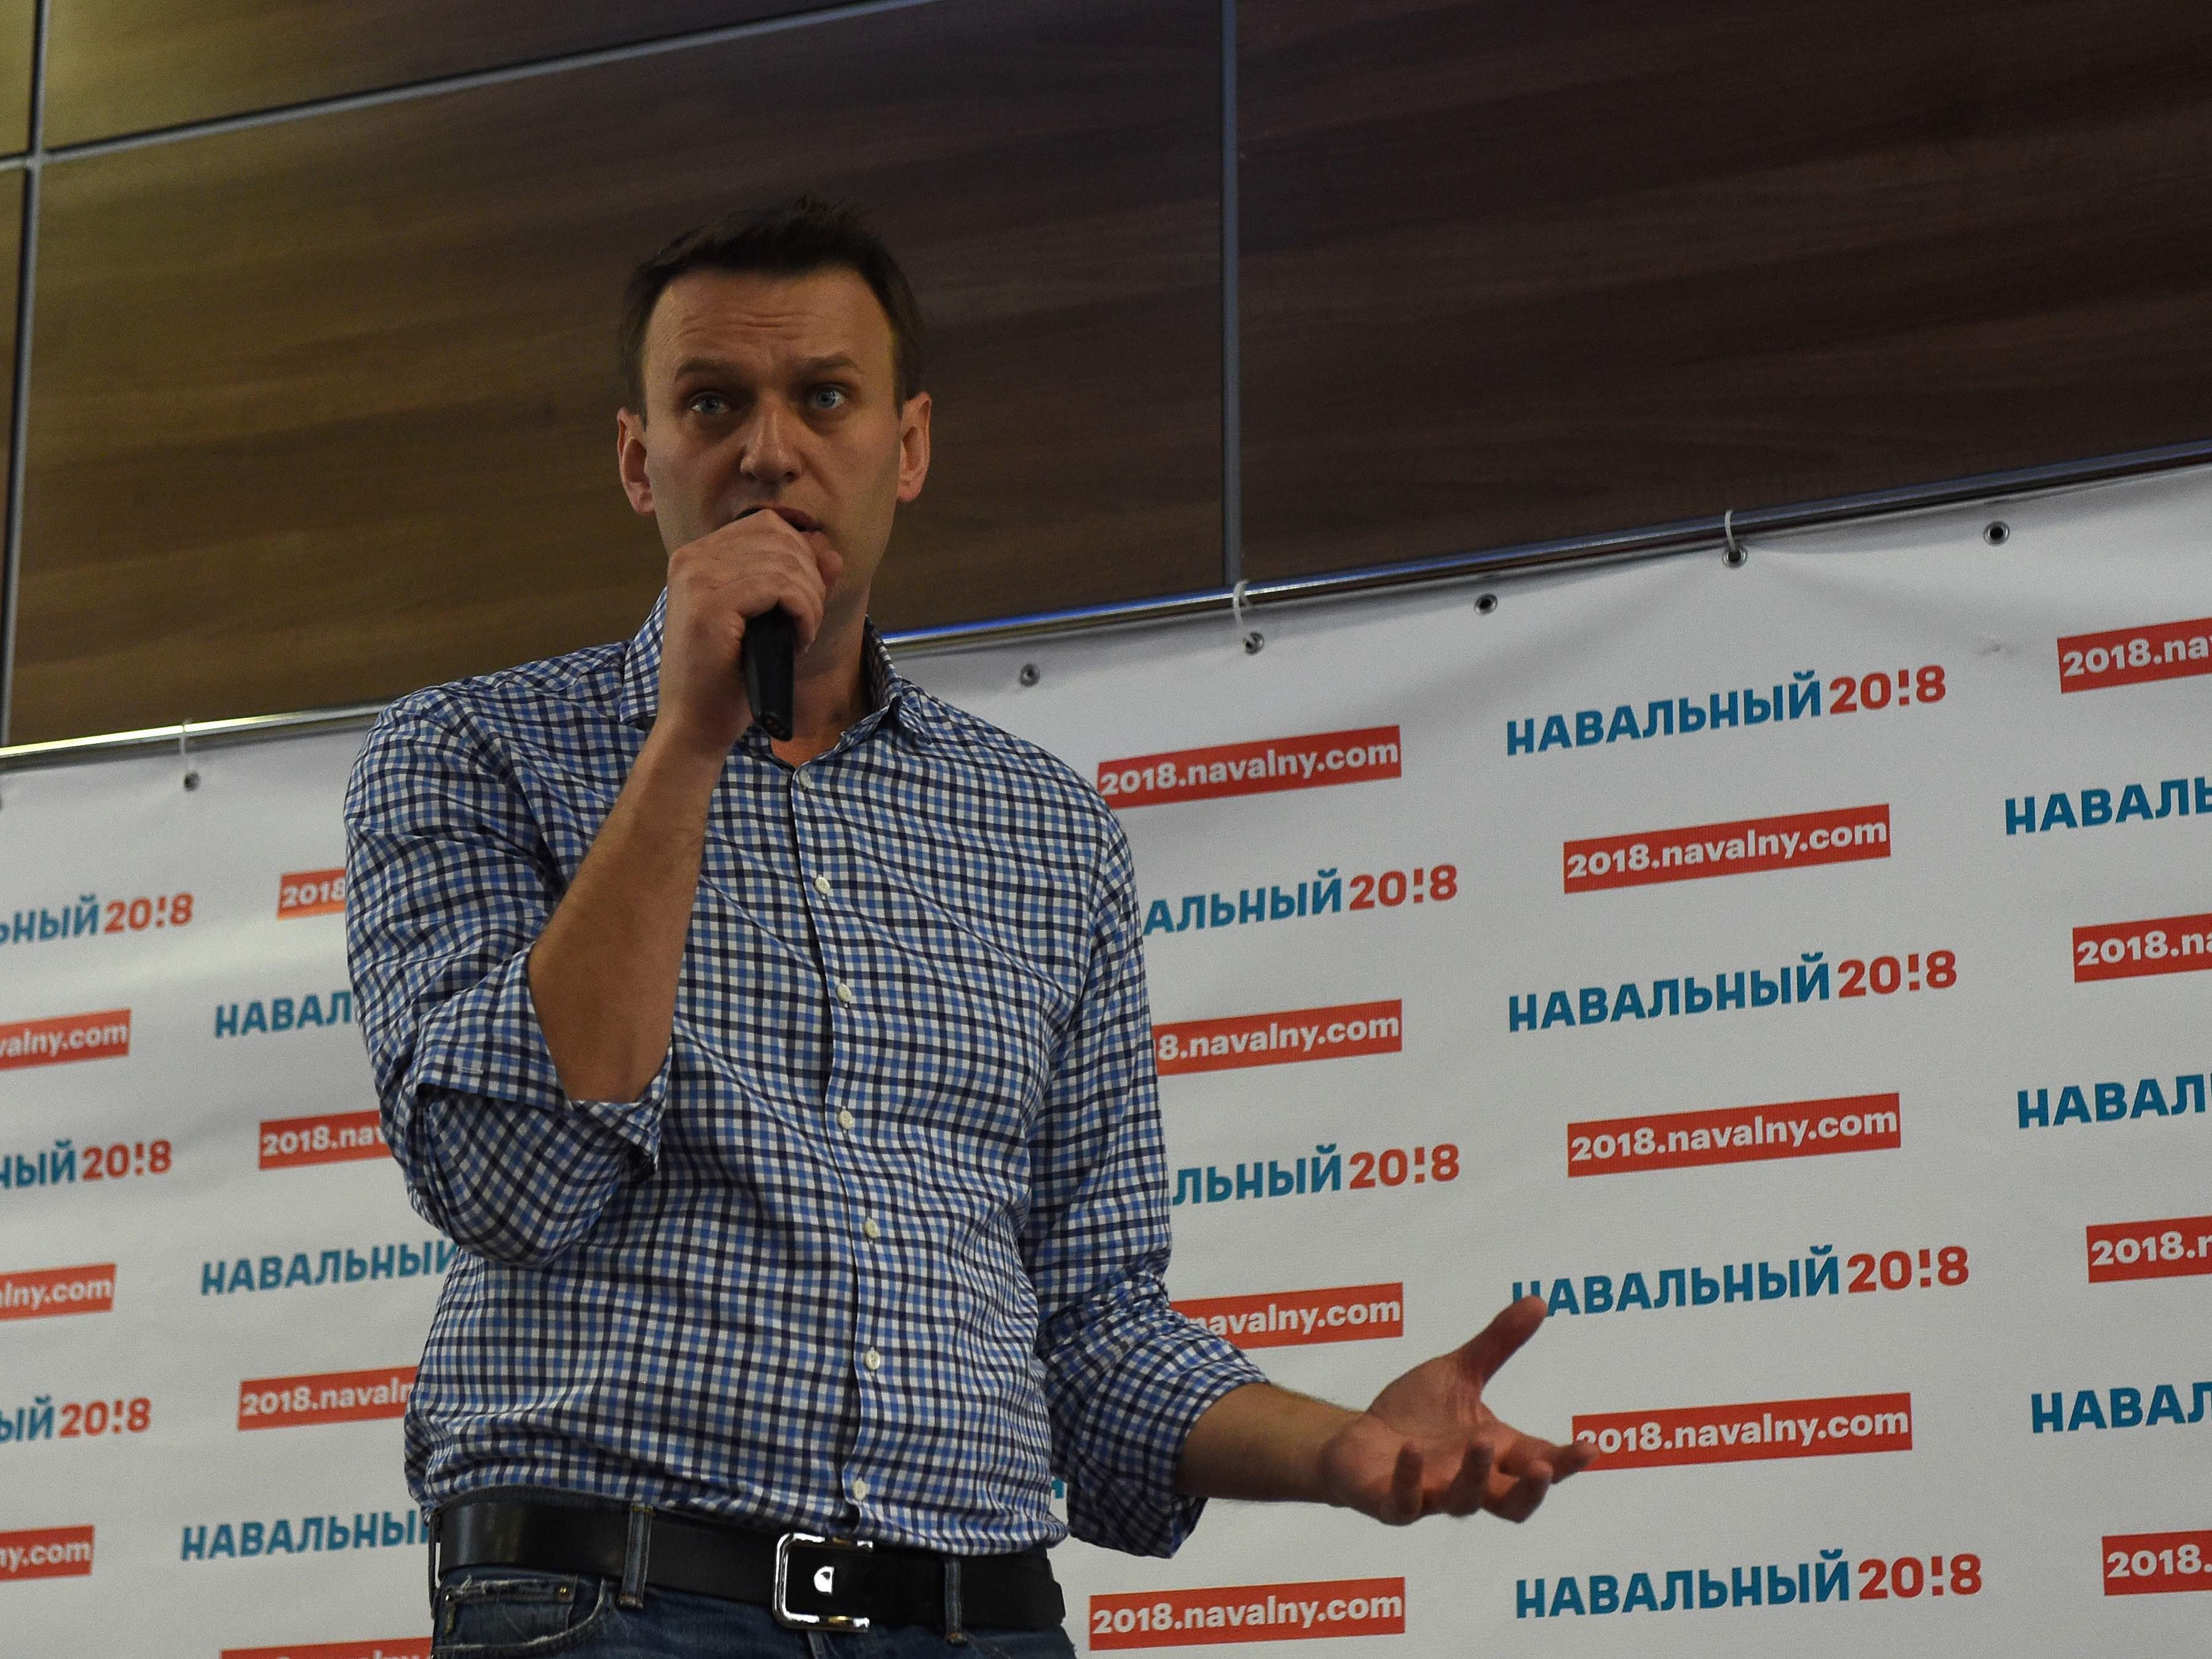 Der russische Oppositionelle Alexej Nawalny wurde offenbar kurz vor einer Demonstration festgenommen.